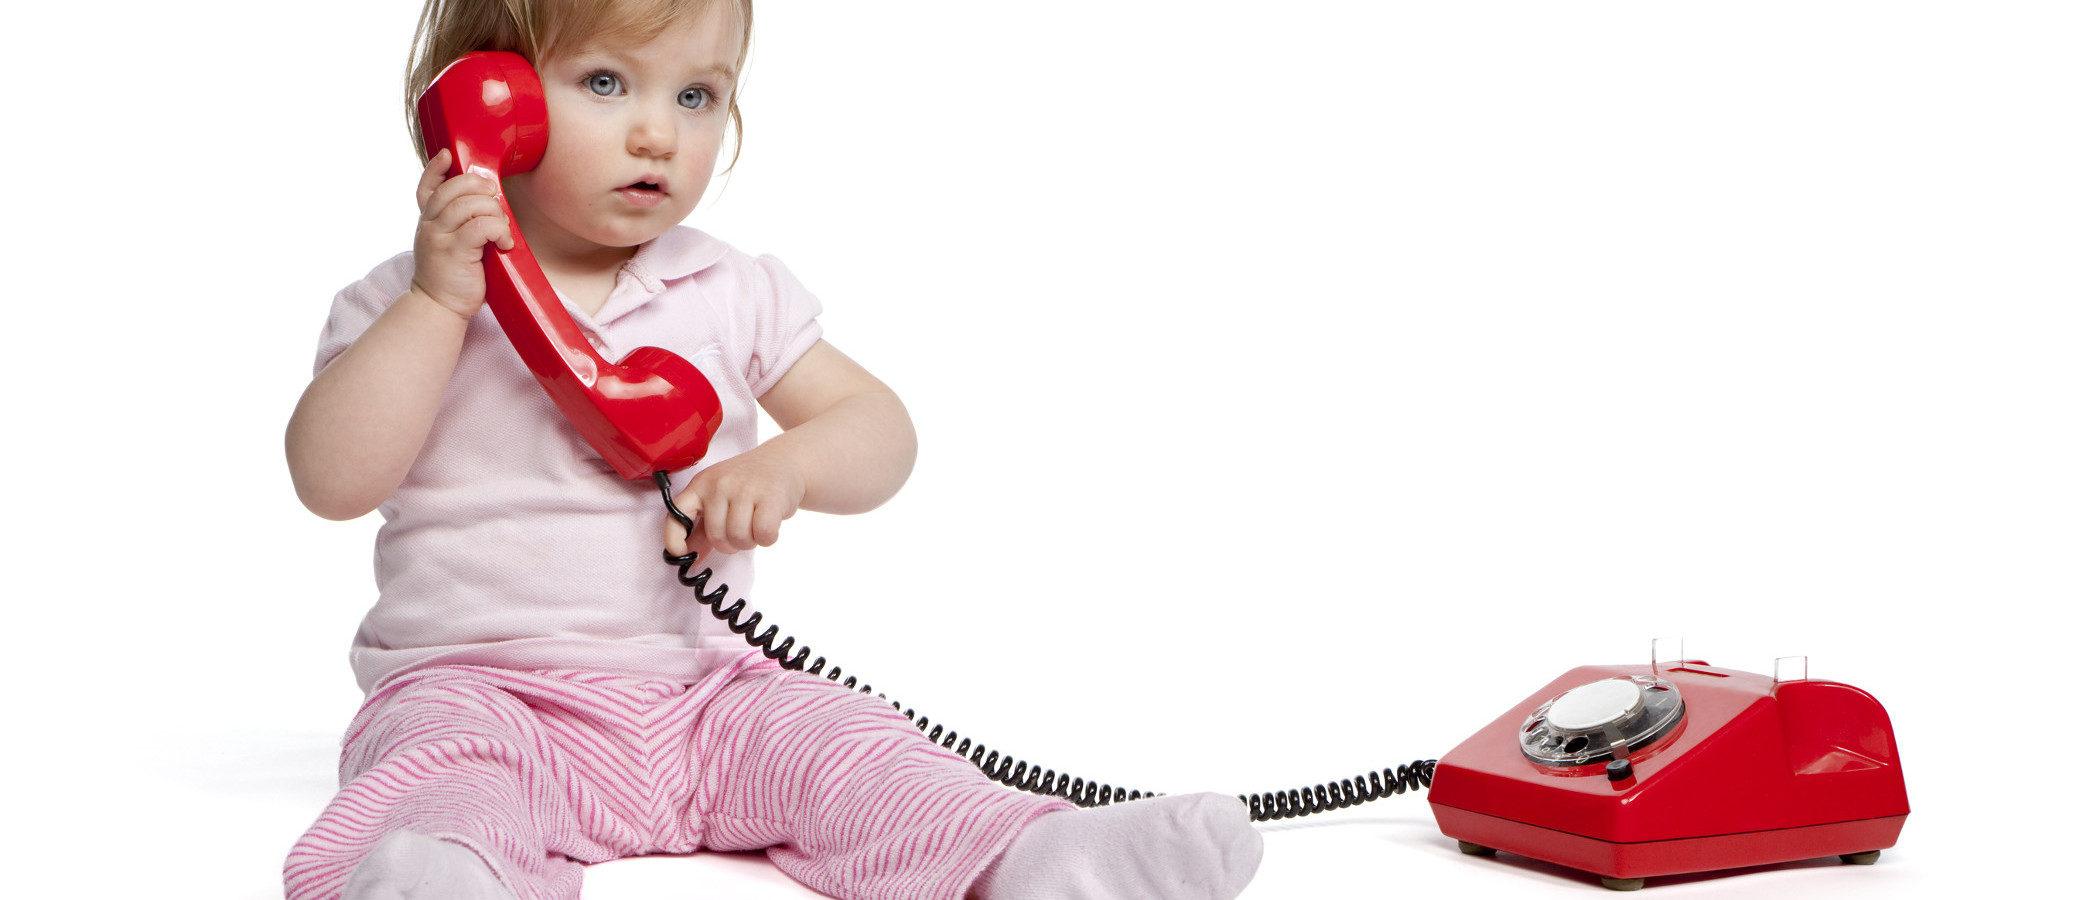 ¿Cómo aprenden los niños a hablar?